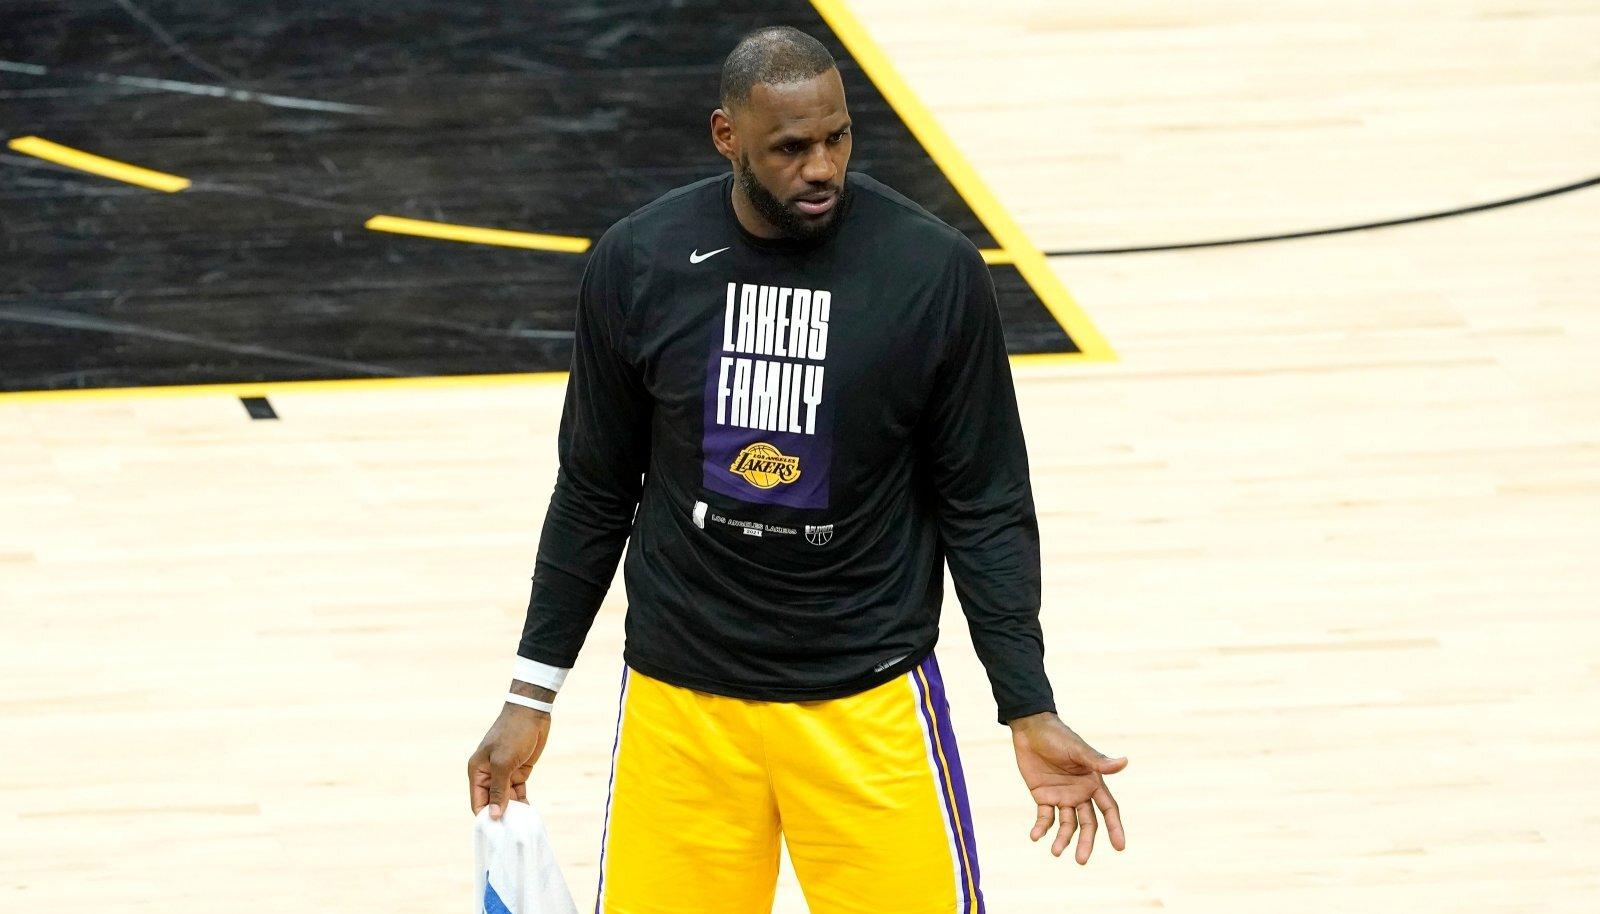 Kas LeBron James ja Co. suudavad seeriasse veel pöörde tuua?